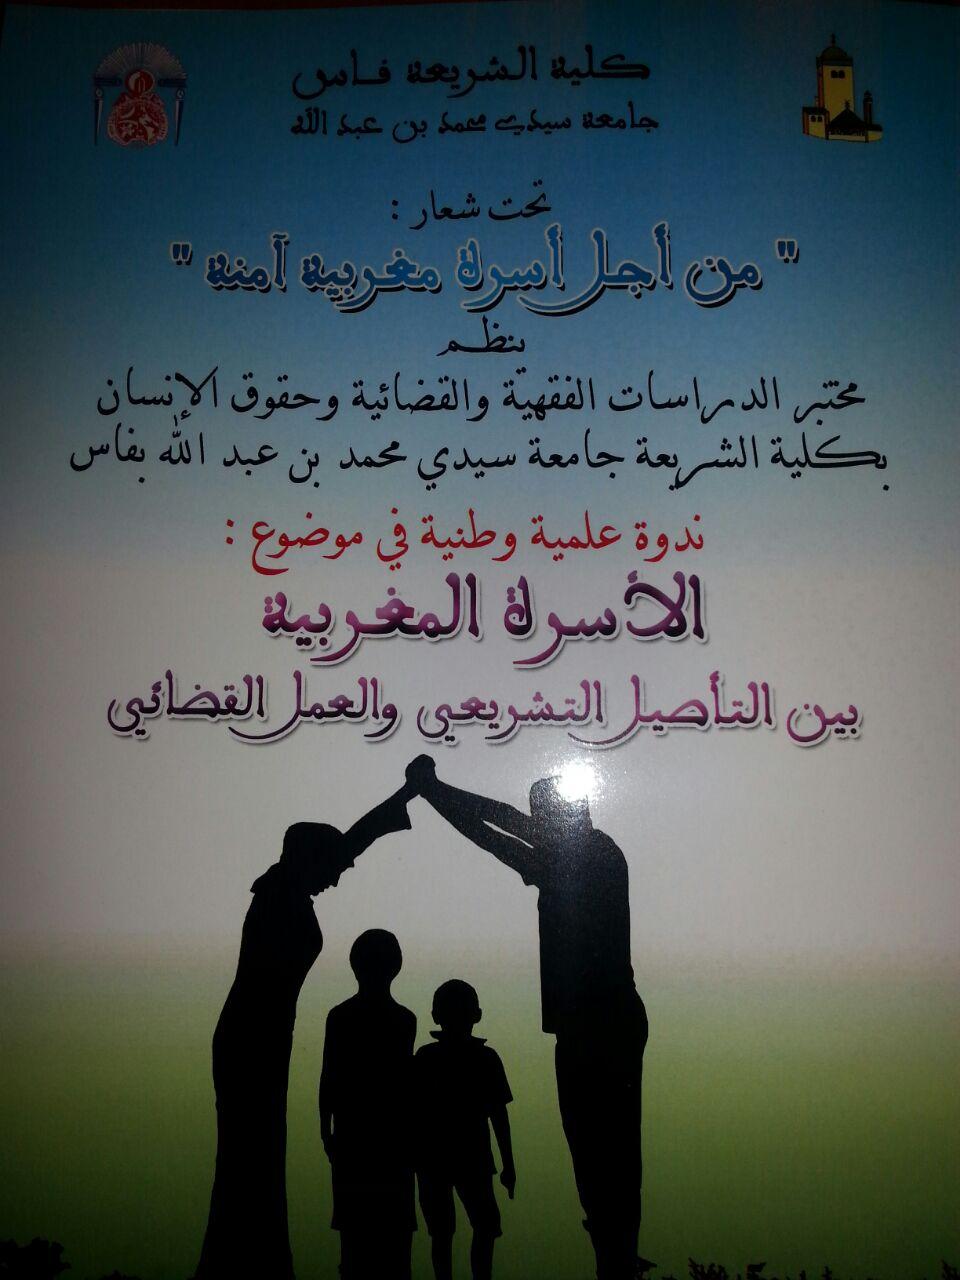 ندوة علمية وطنية حول موضوع الأسرة المغربية بين التأصيل التشريعي والعمل القضائي